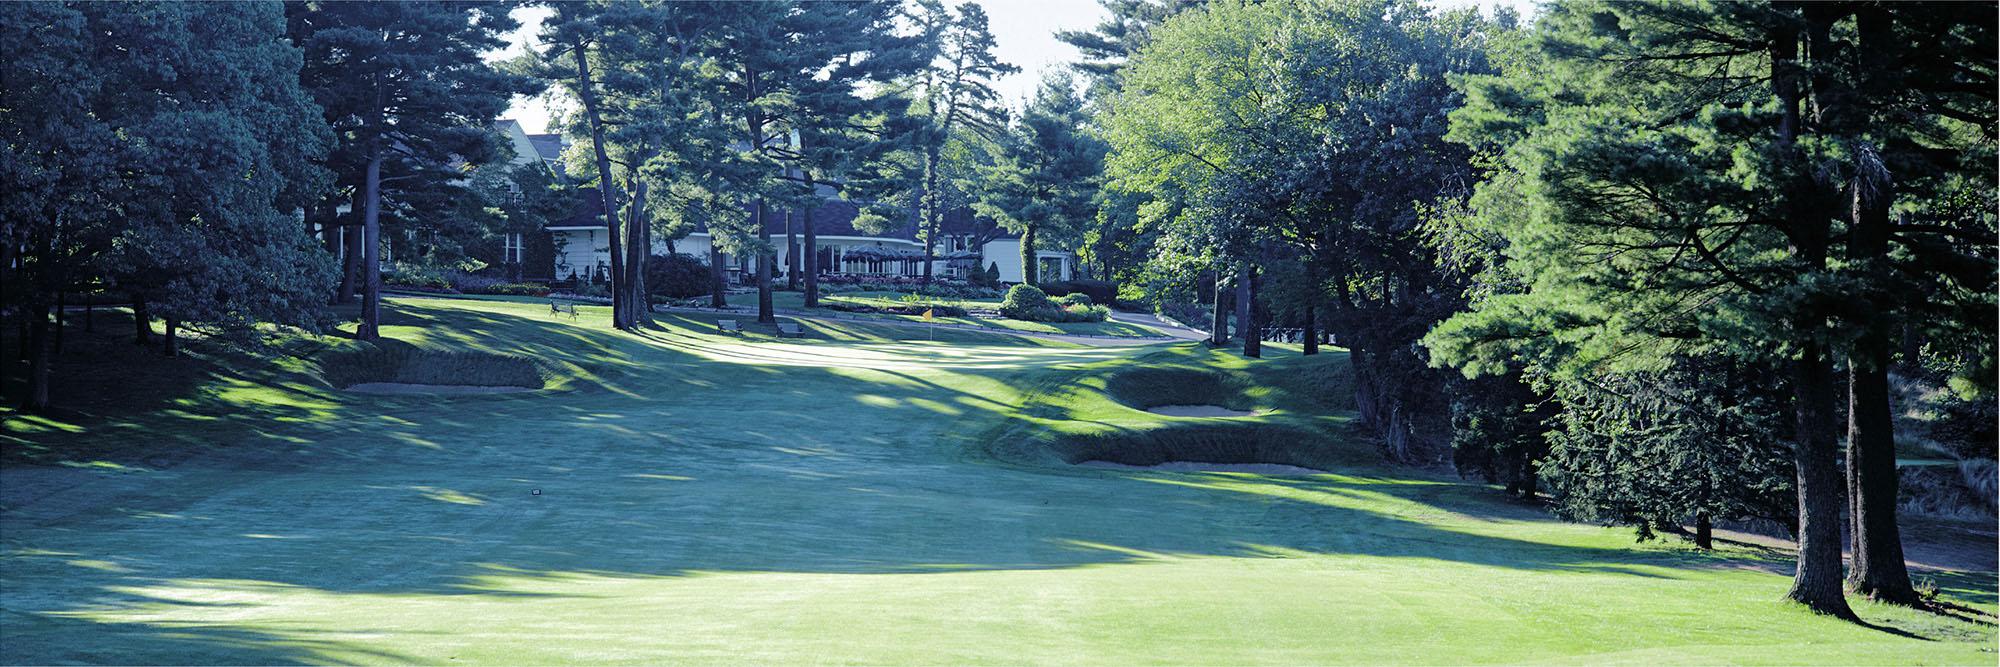 Golf Course Image - Salem Country Club No. 18